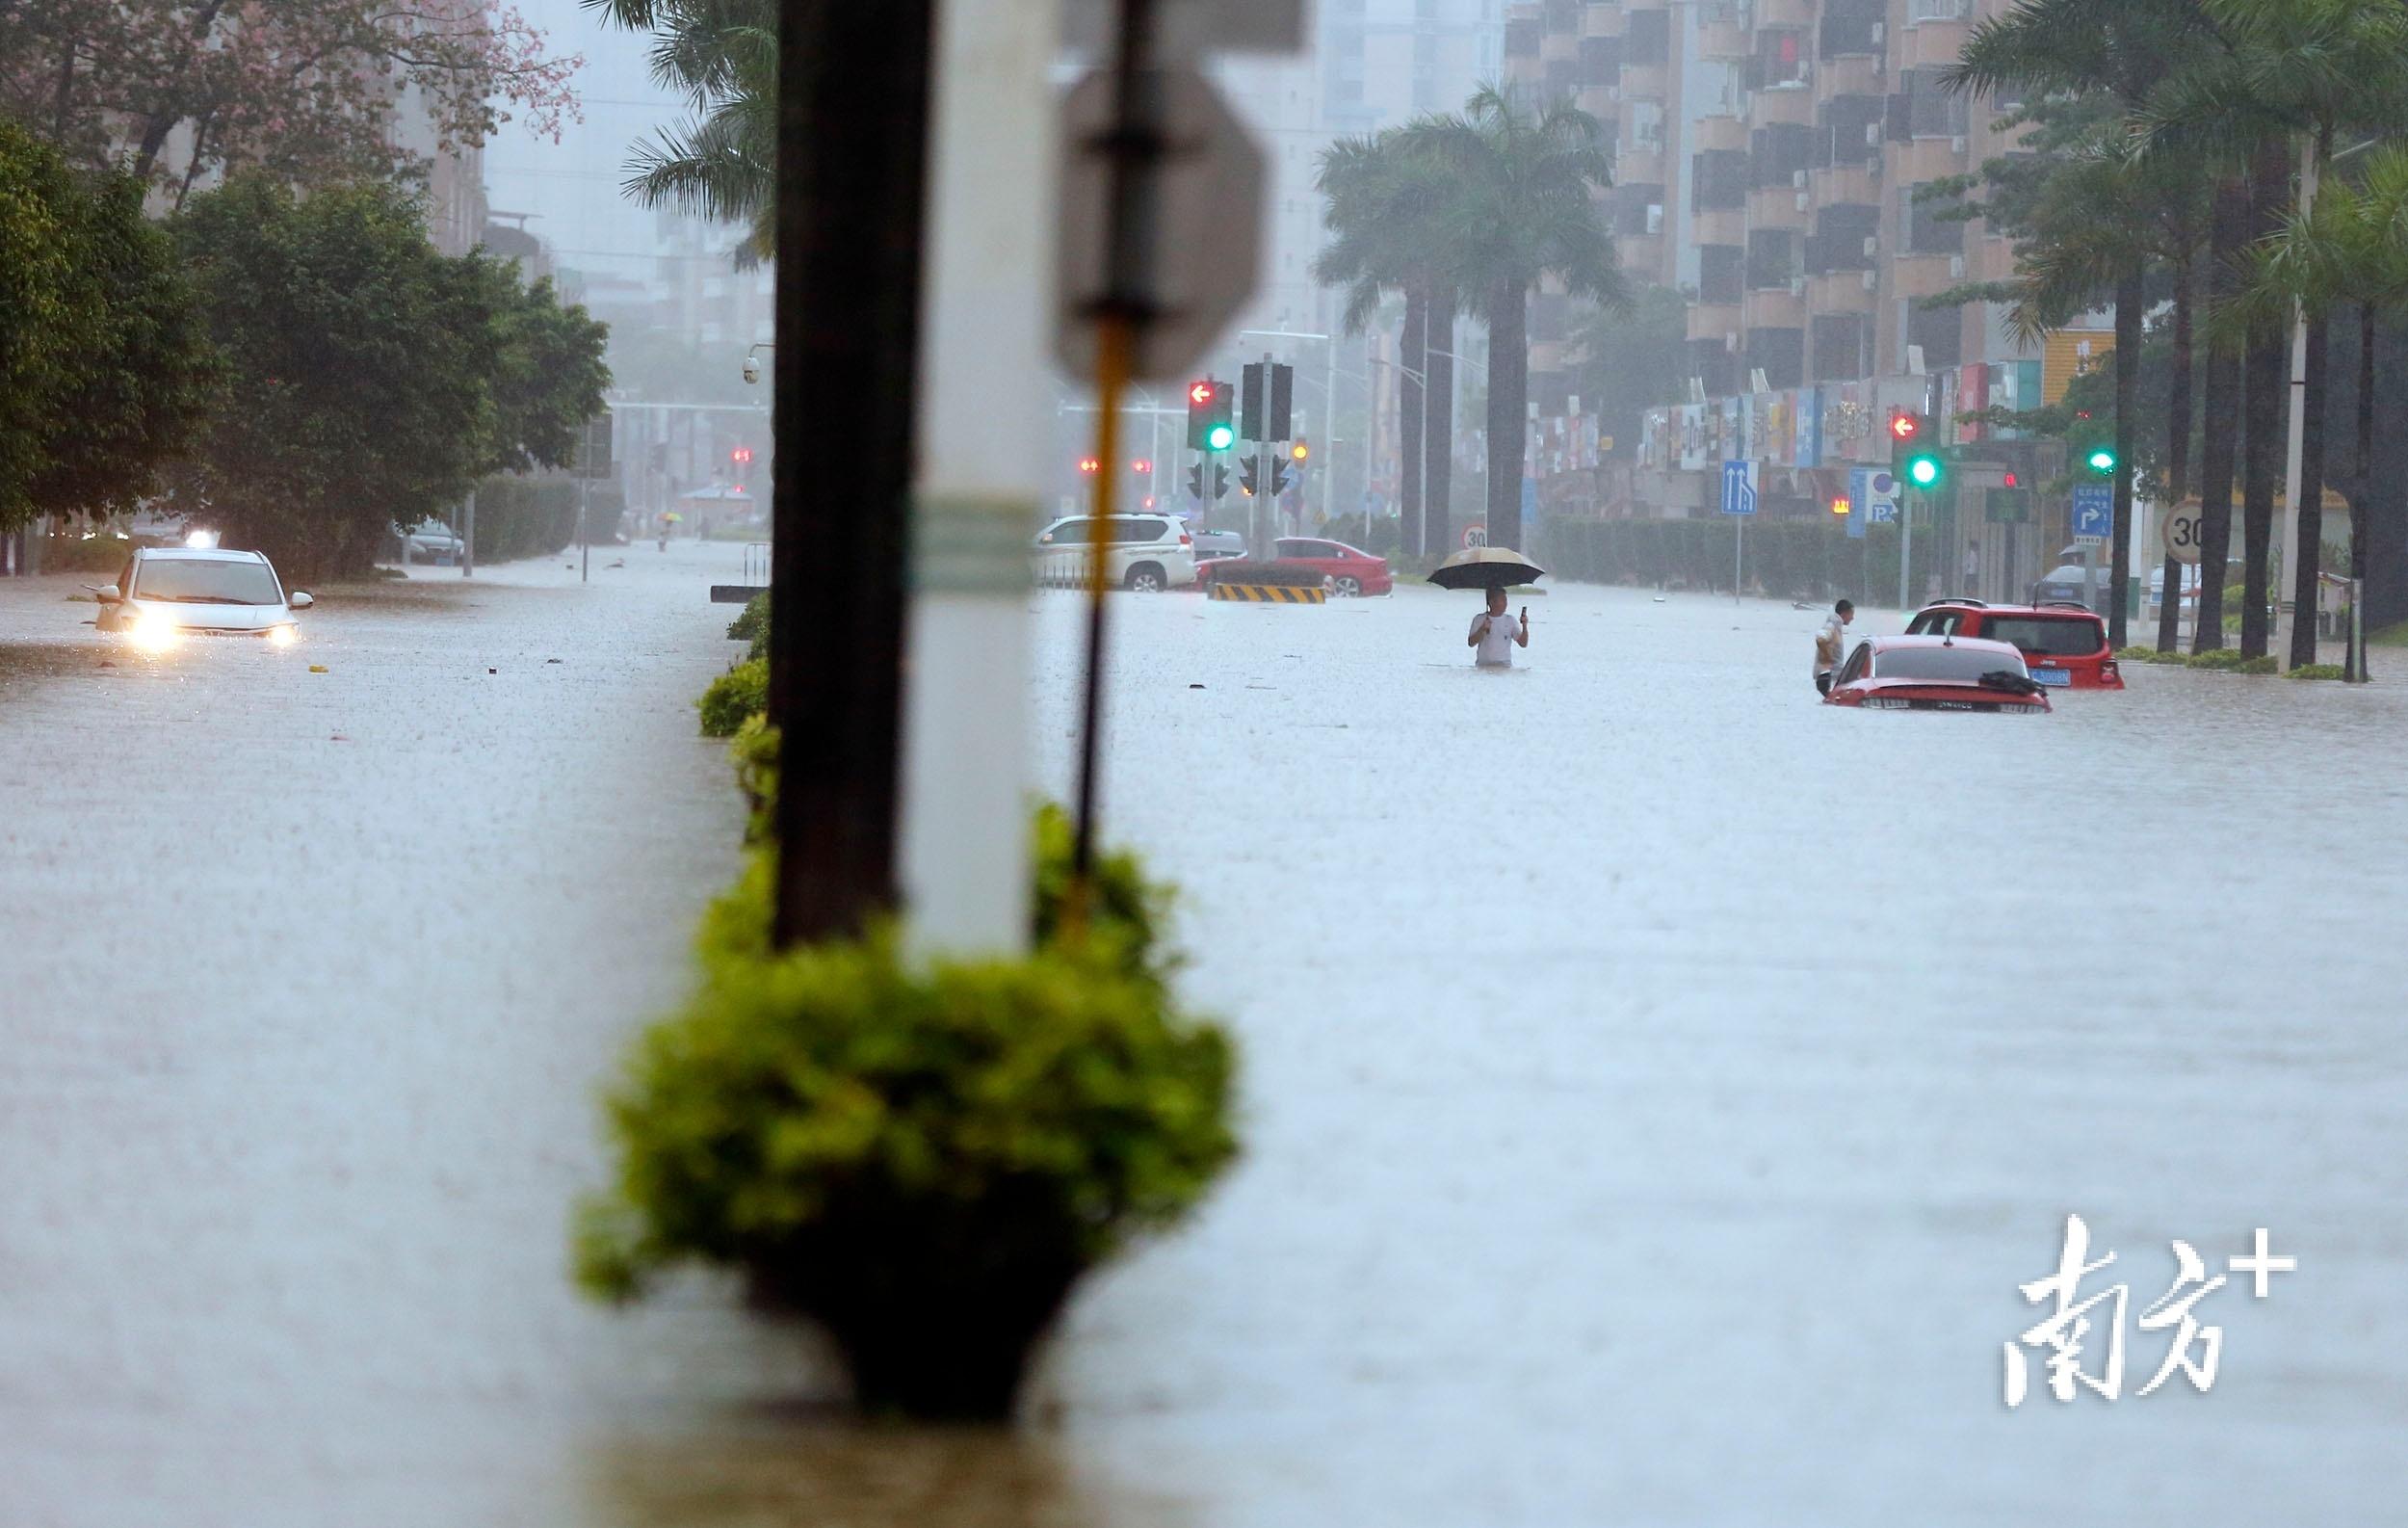 10月10日12时30分,三乡镇新城路,几辆小车在积水中抛锚。 南方+ 叶志文 摄